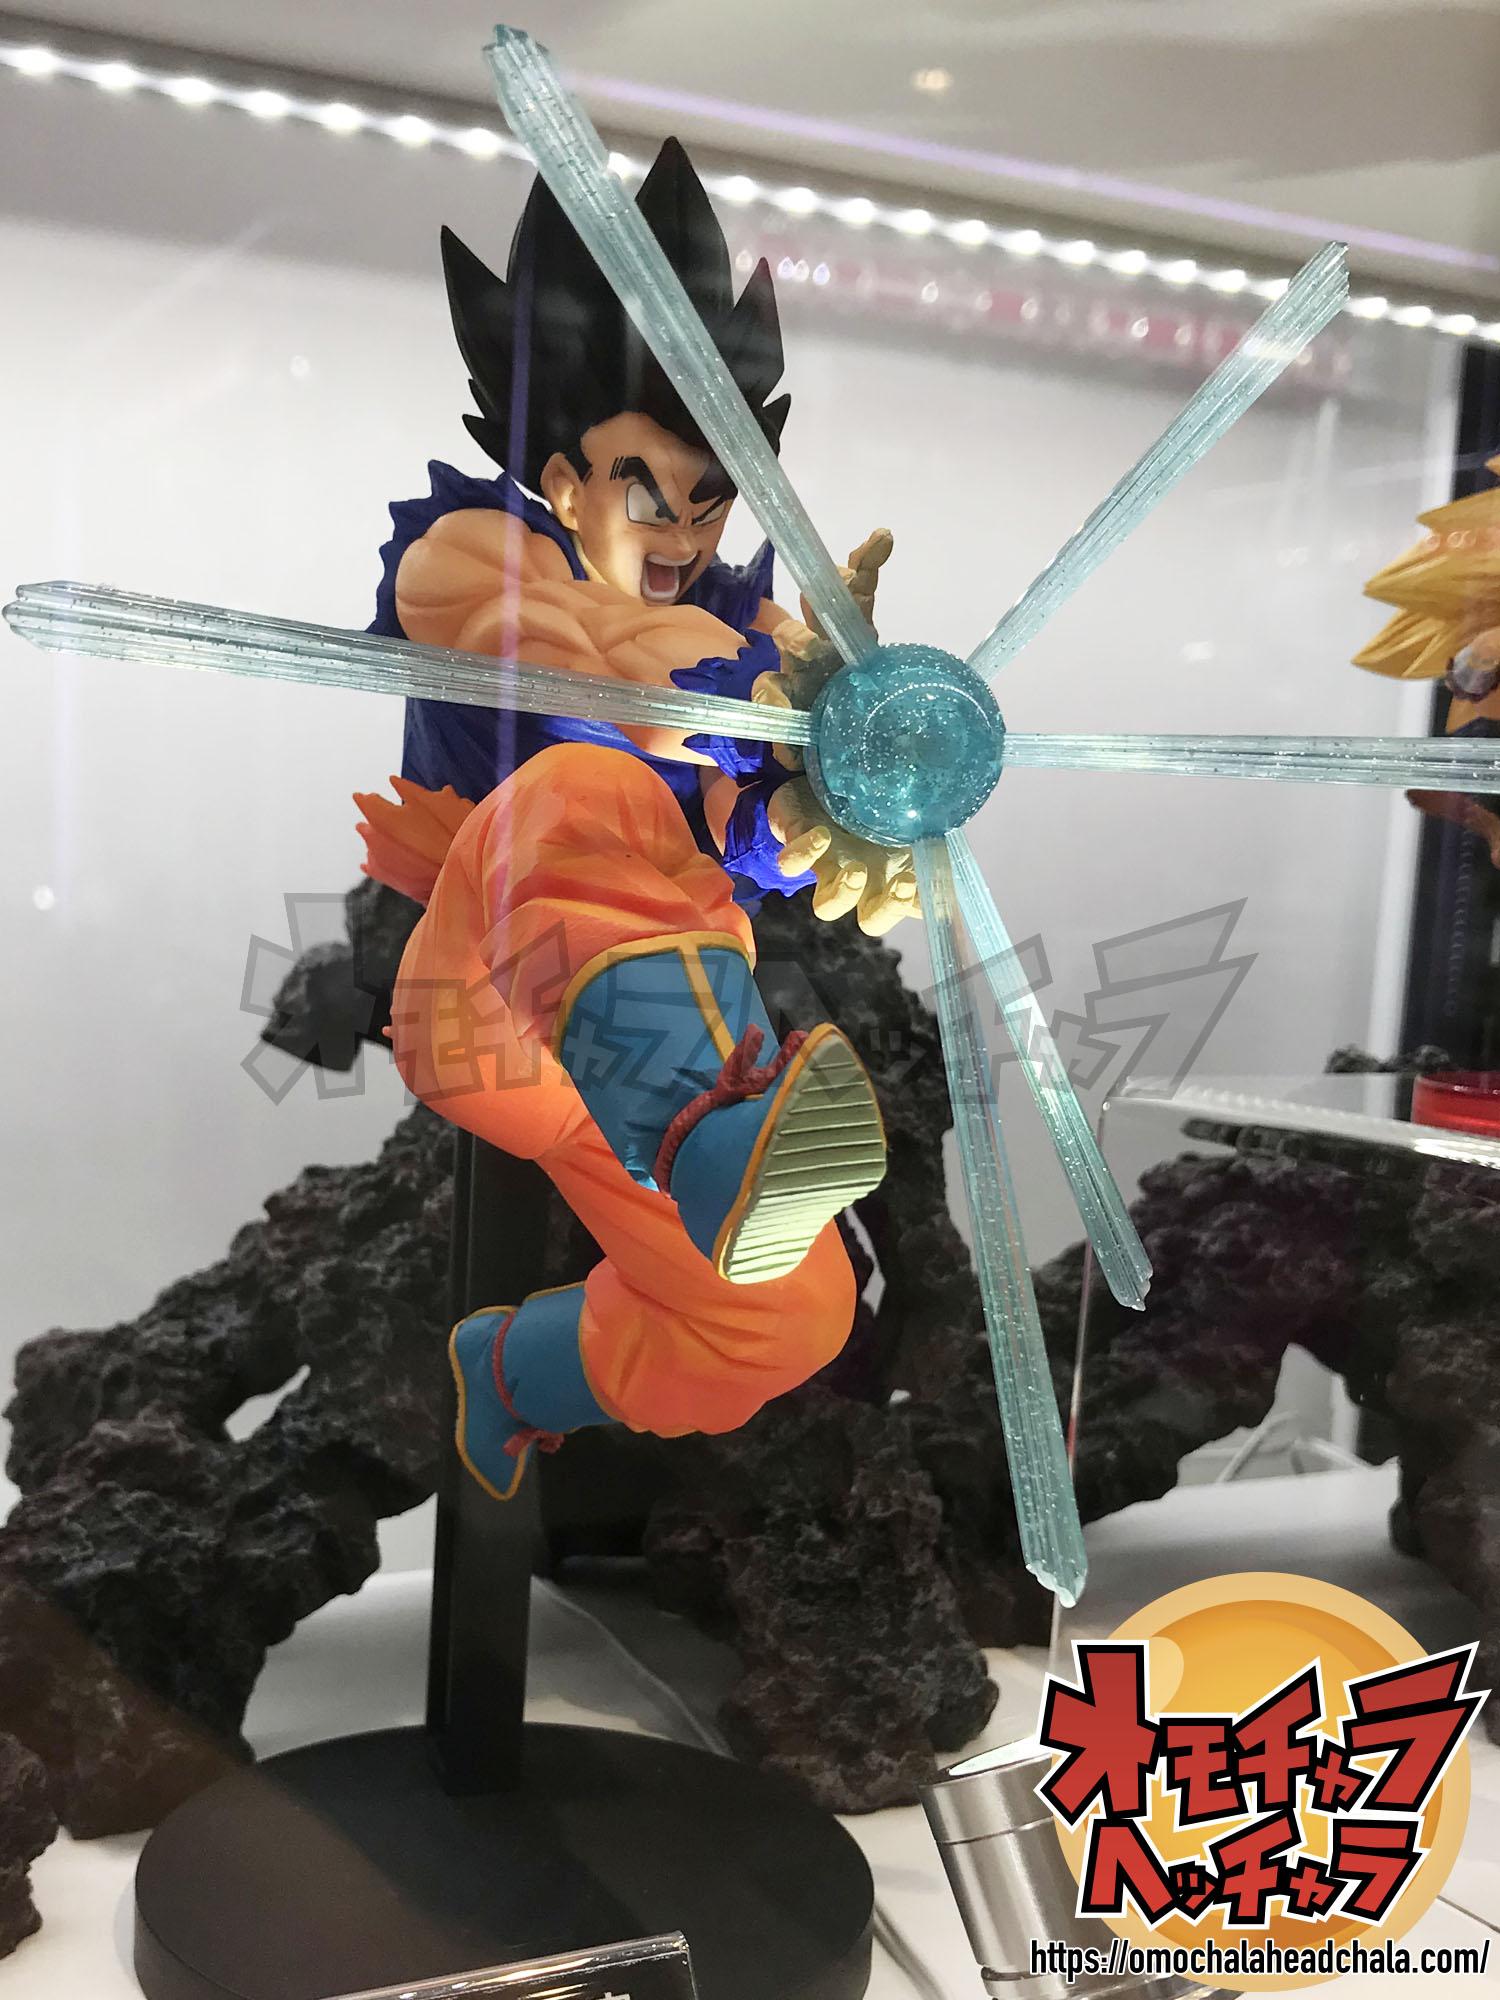 ドラゴンボールフィギュアレビューブログのG×materia THE SON GOKOU(孫悟空)